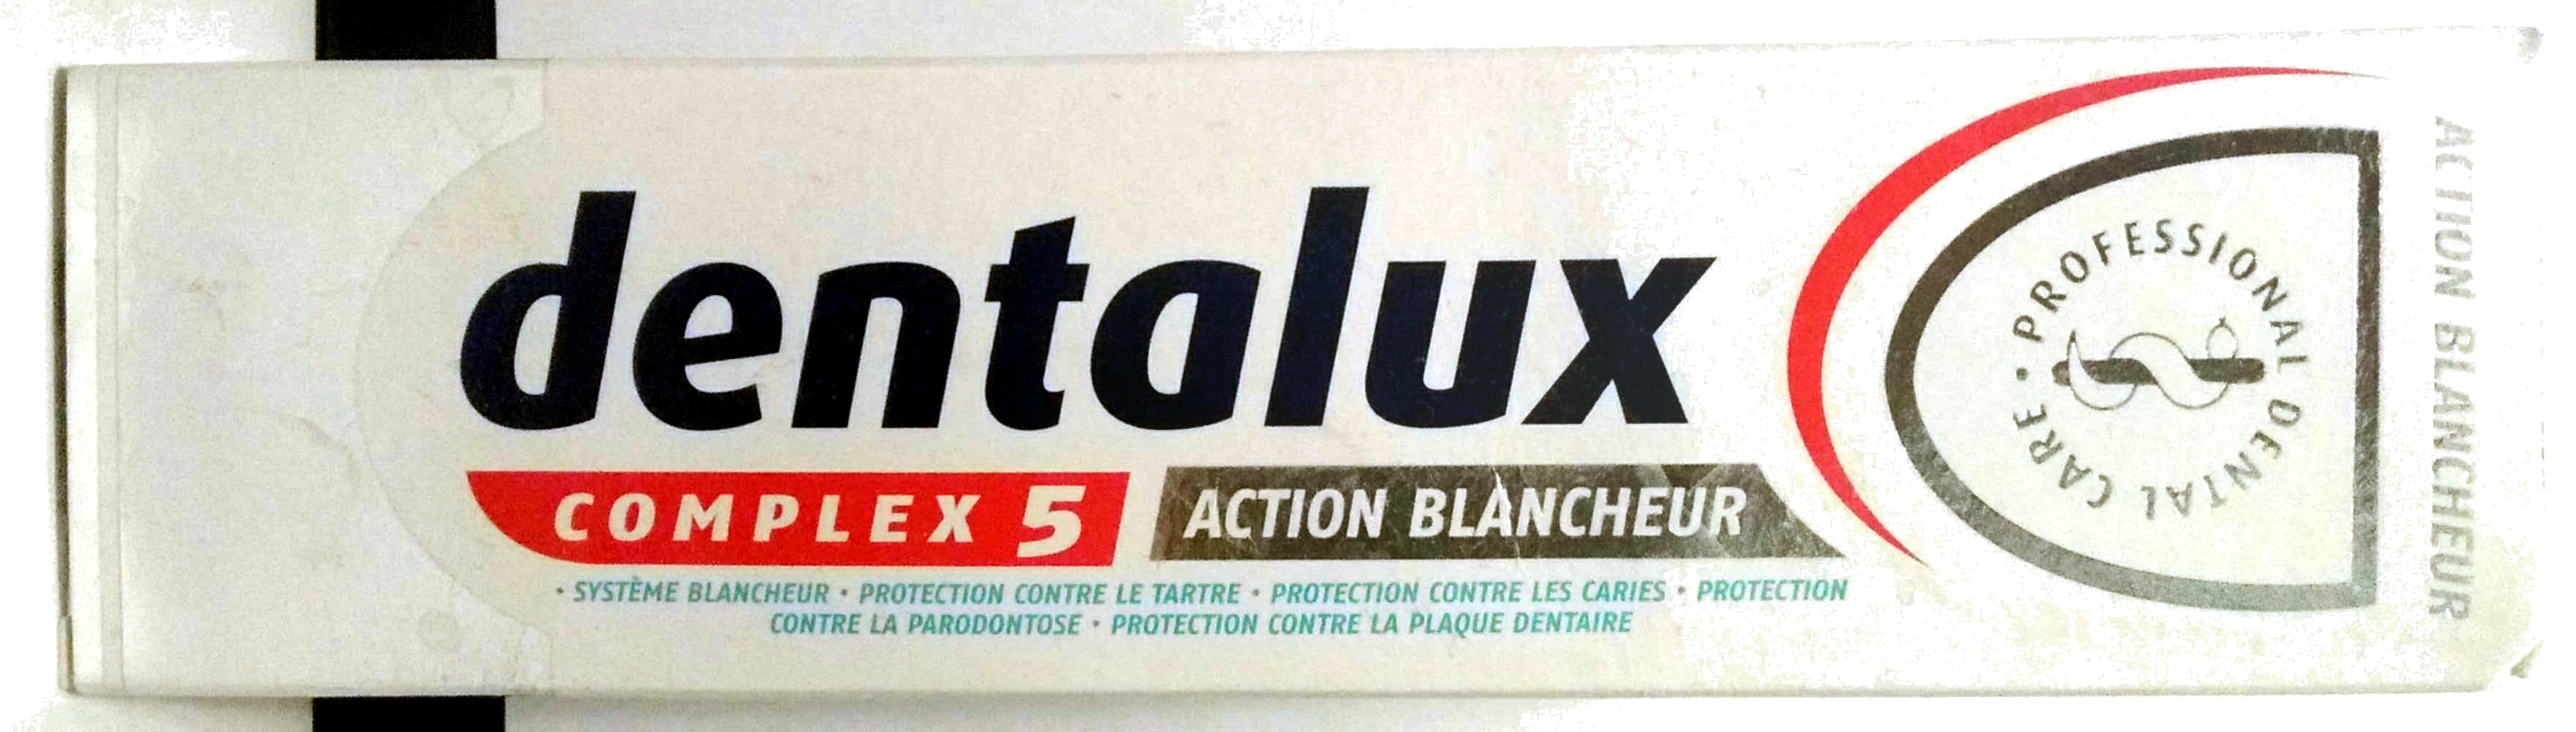 Complex 5 Action Blancheur - Produit - fr